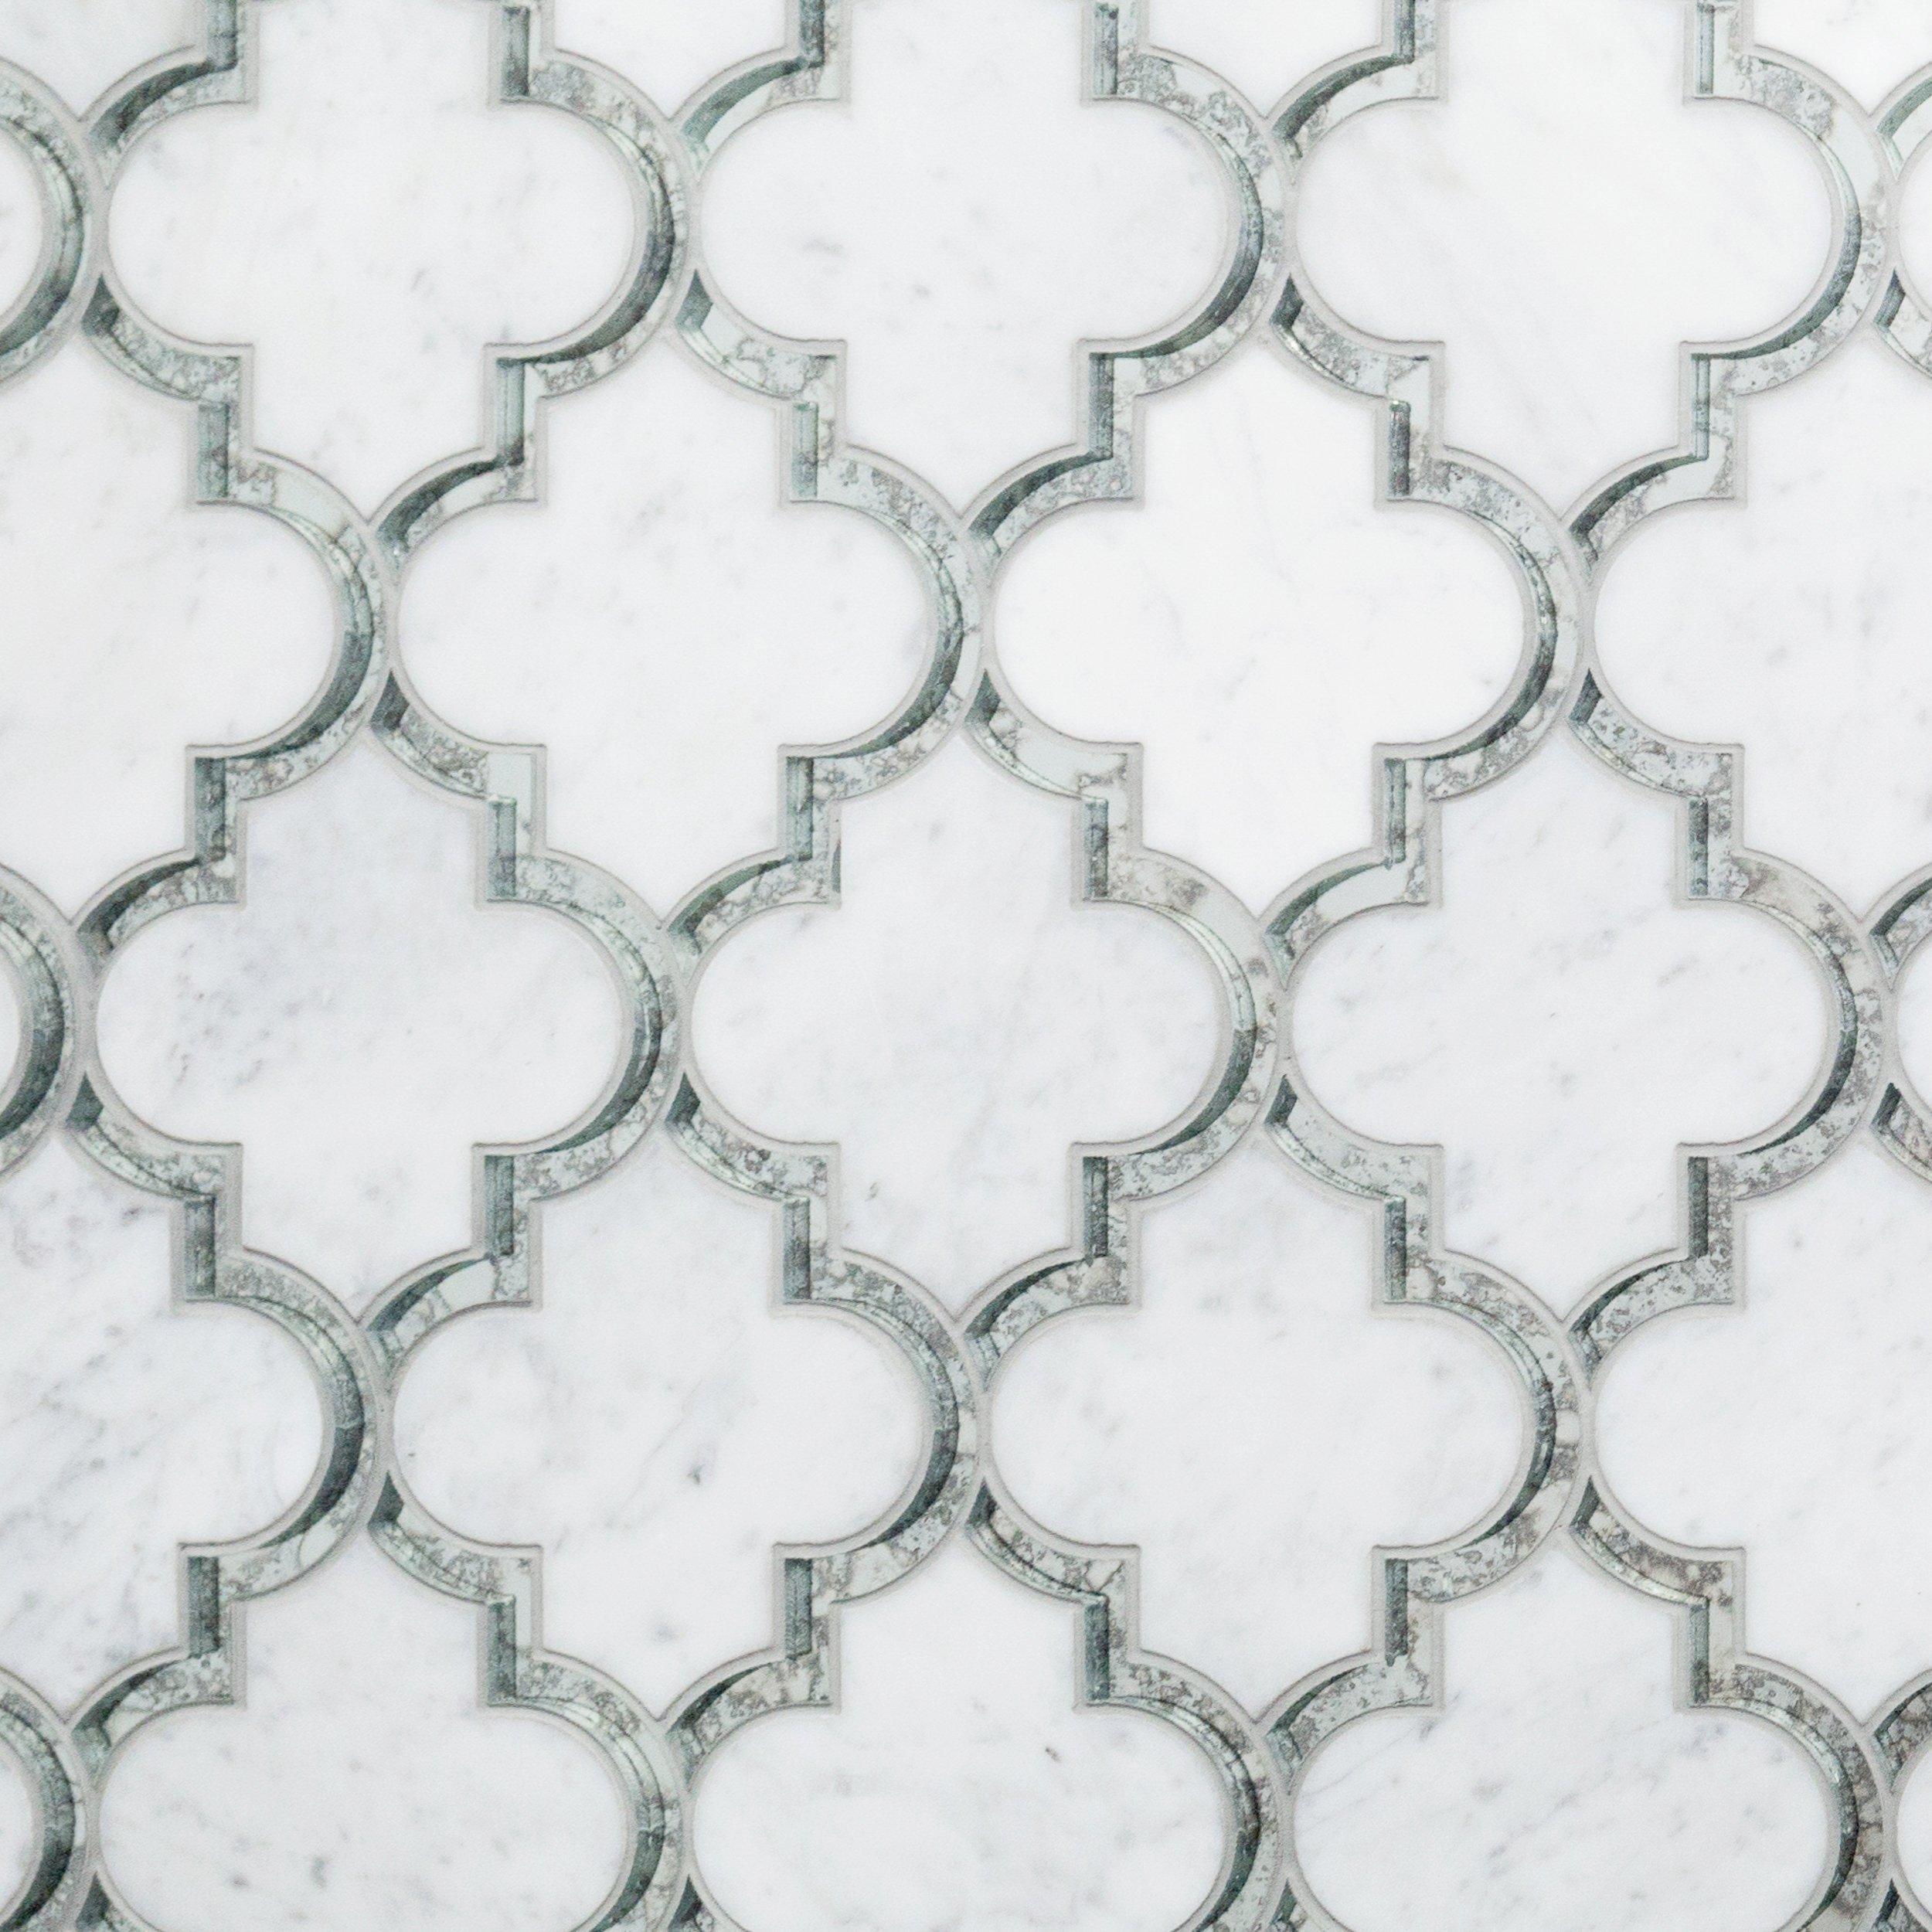 Carrara Thassos Hera Waterjet Marble Mosaic 14 X 17